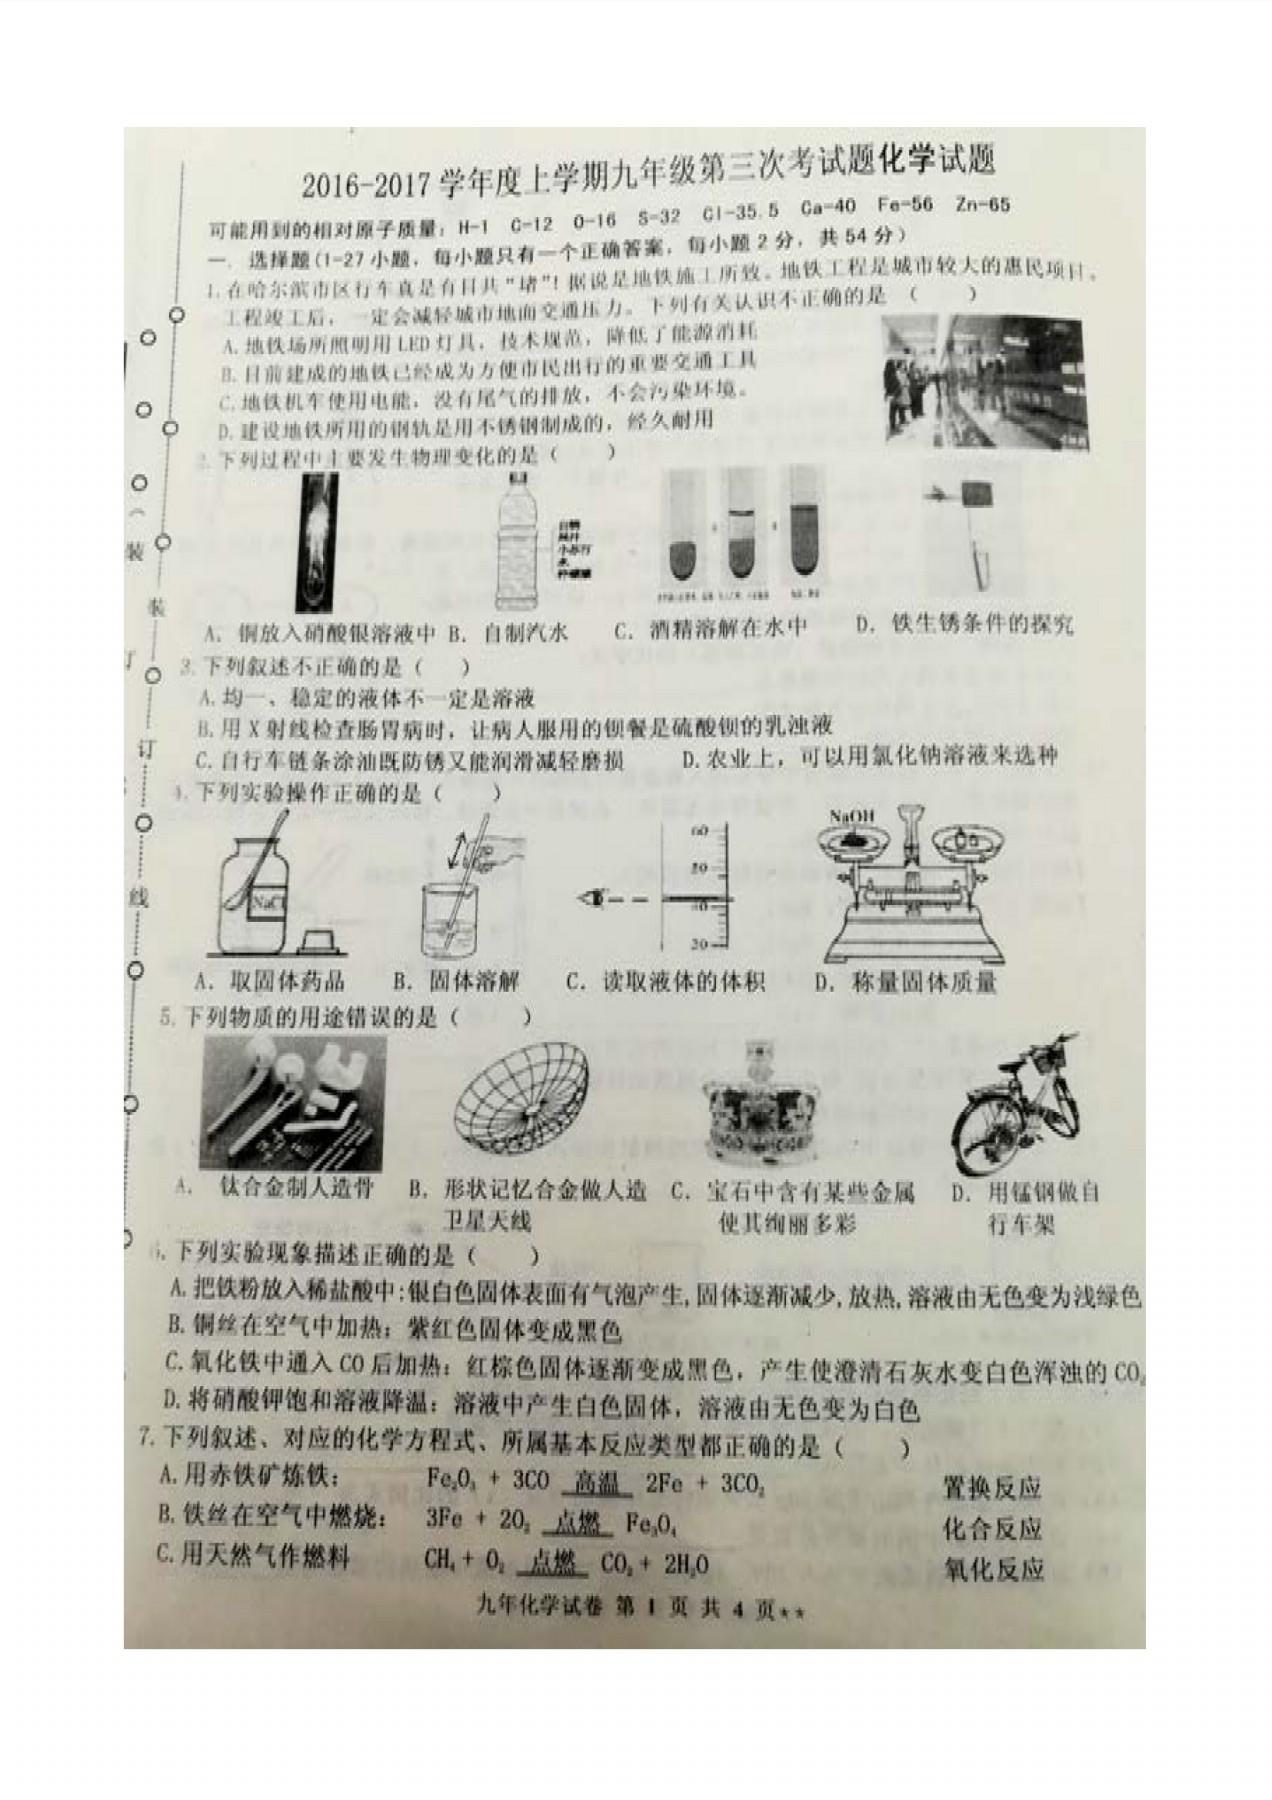 黑龙江哈尔滨双城区新兴中学2017九年级11月份化学试卷(图片版)